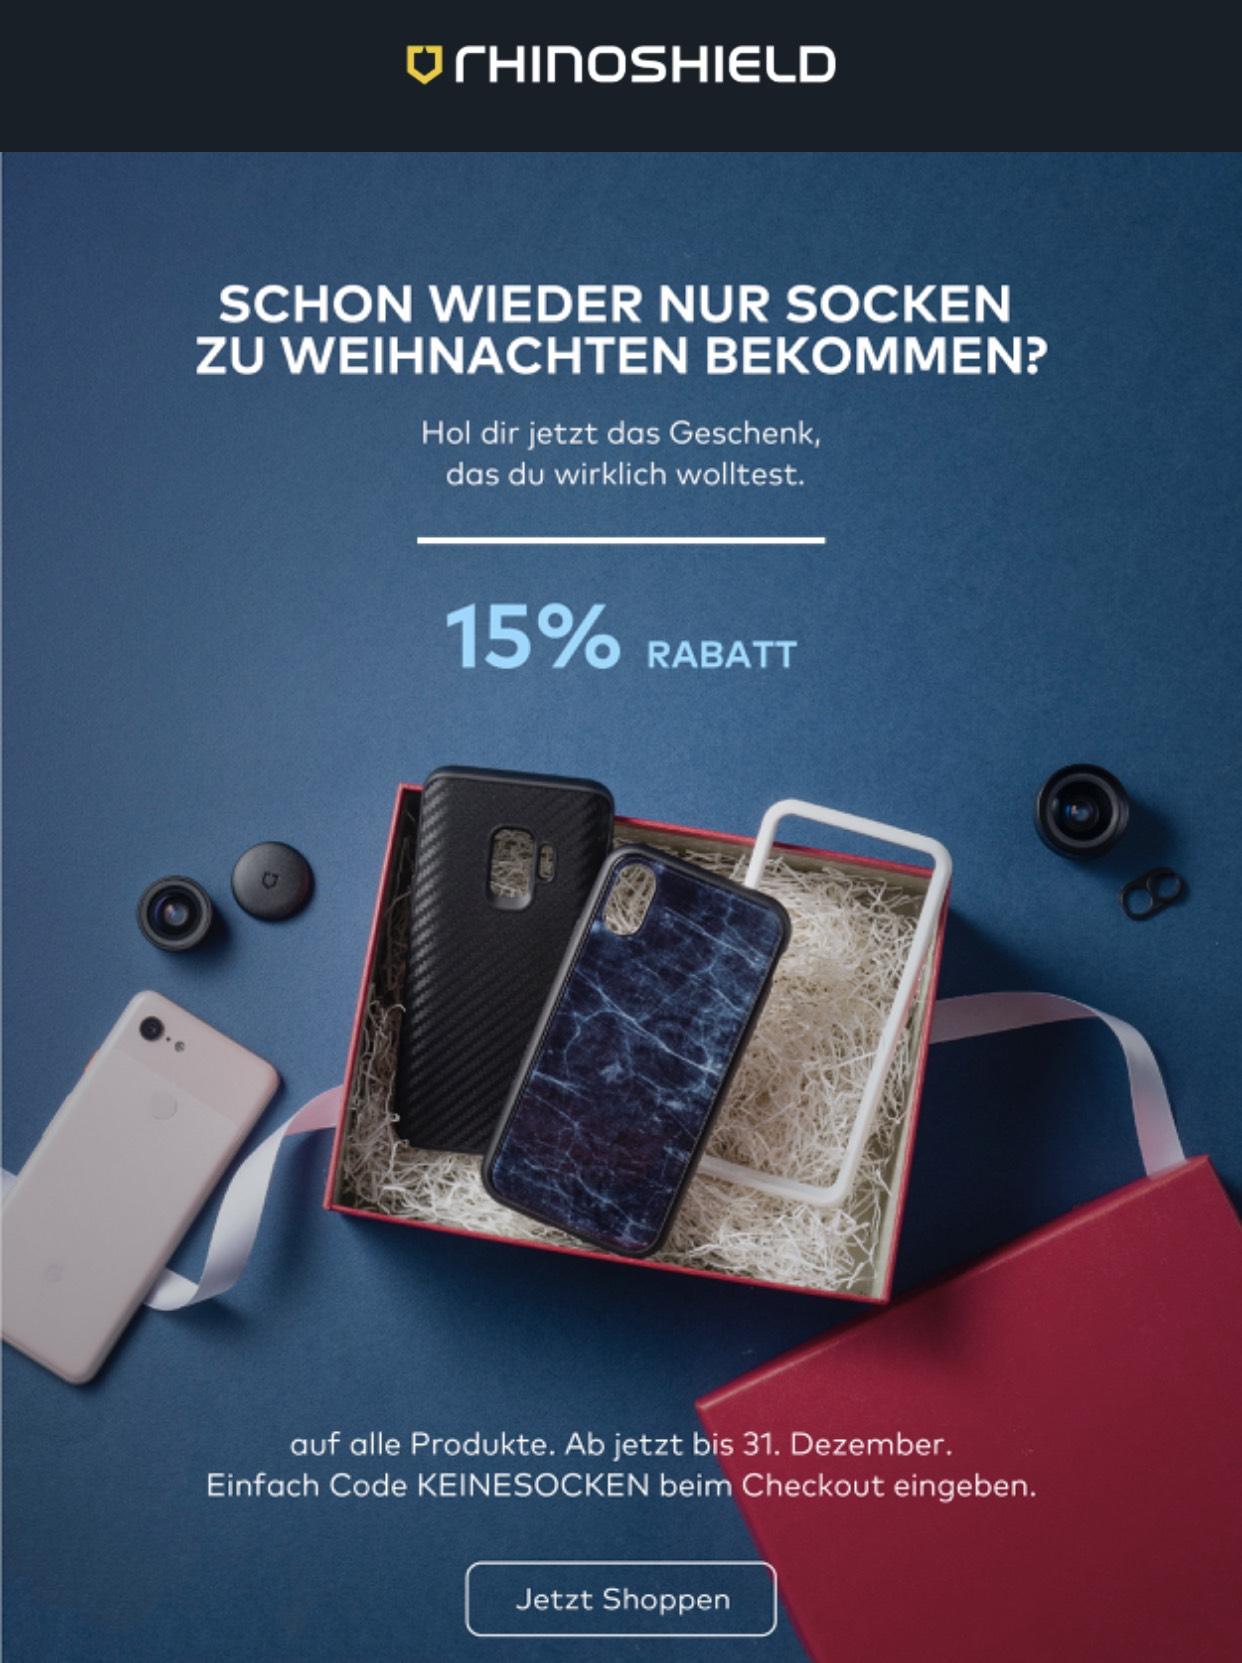 15% Rabatt auf alle rhinoshield Bestellungen - iPhone, Samsung, ... Cases